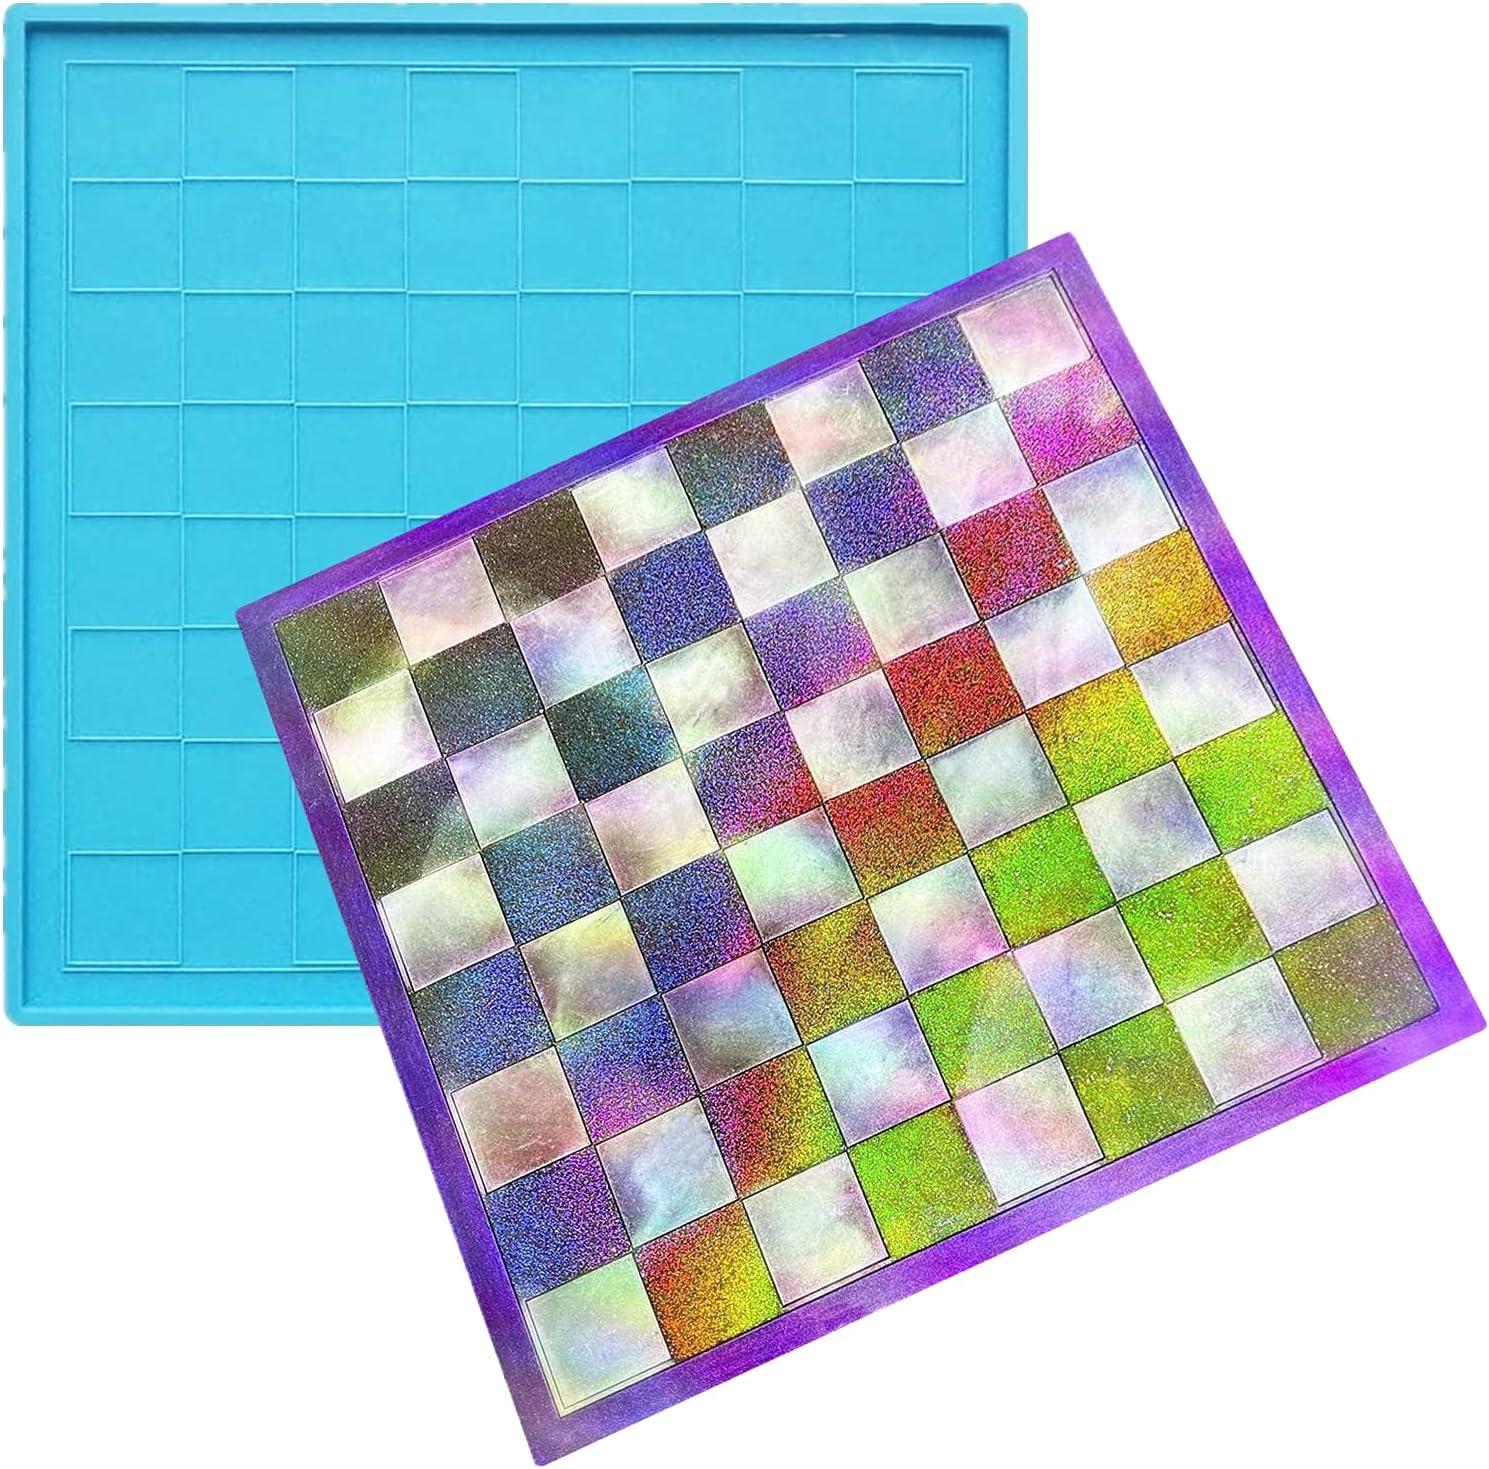 Chess Board Resin Mold New sales Checkers Silicone DI Epoxy Albuquerque Mall for